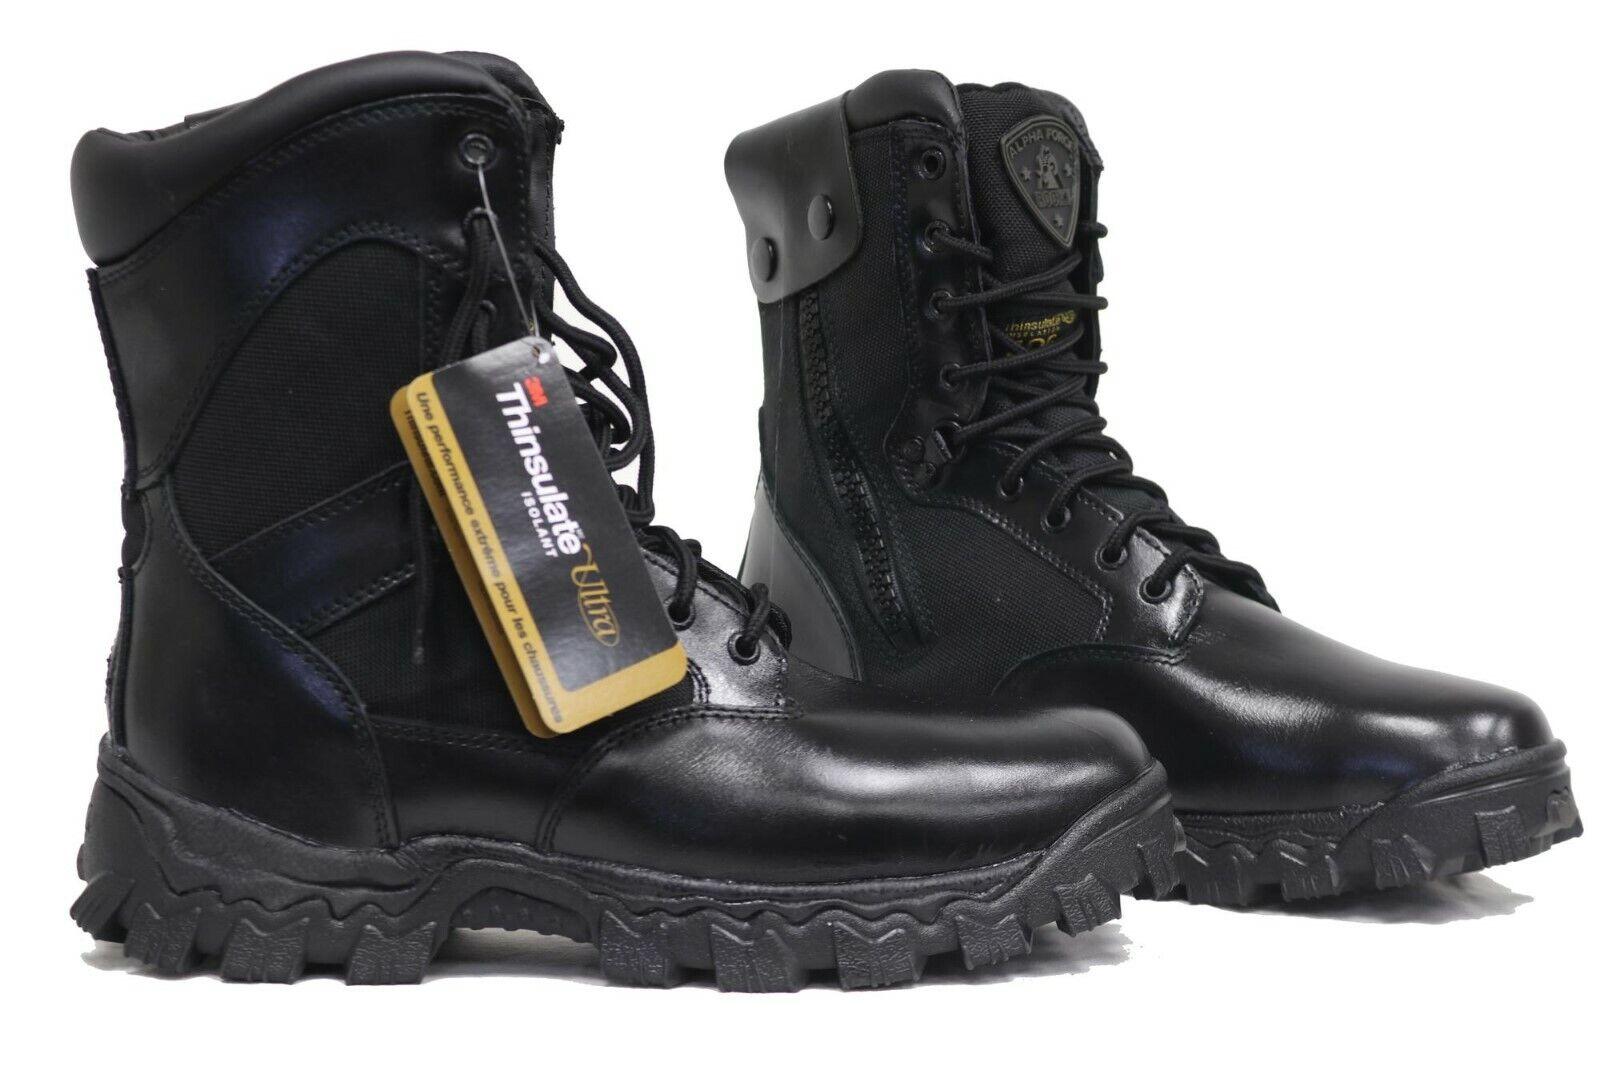 Stiefel 10 Eu RKYD011 Stil Taktische Wasserfest Force Alpha